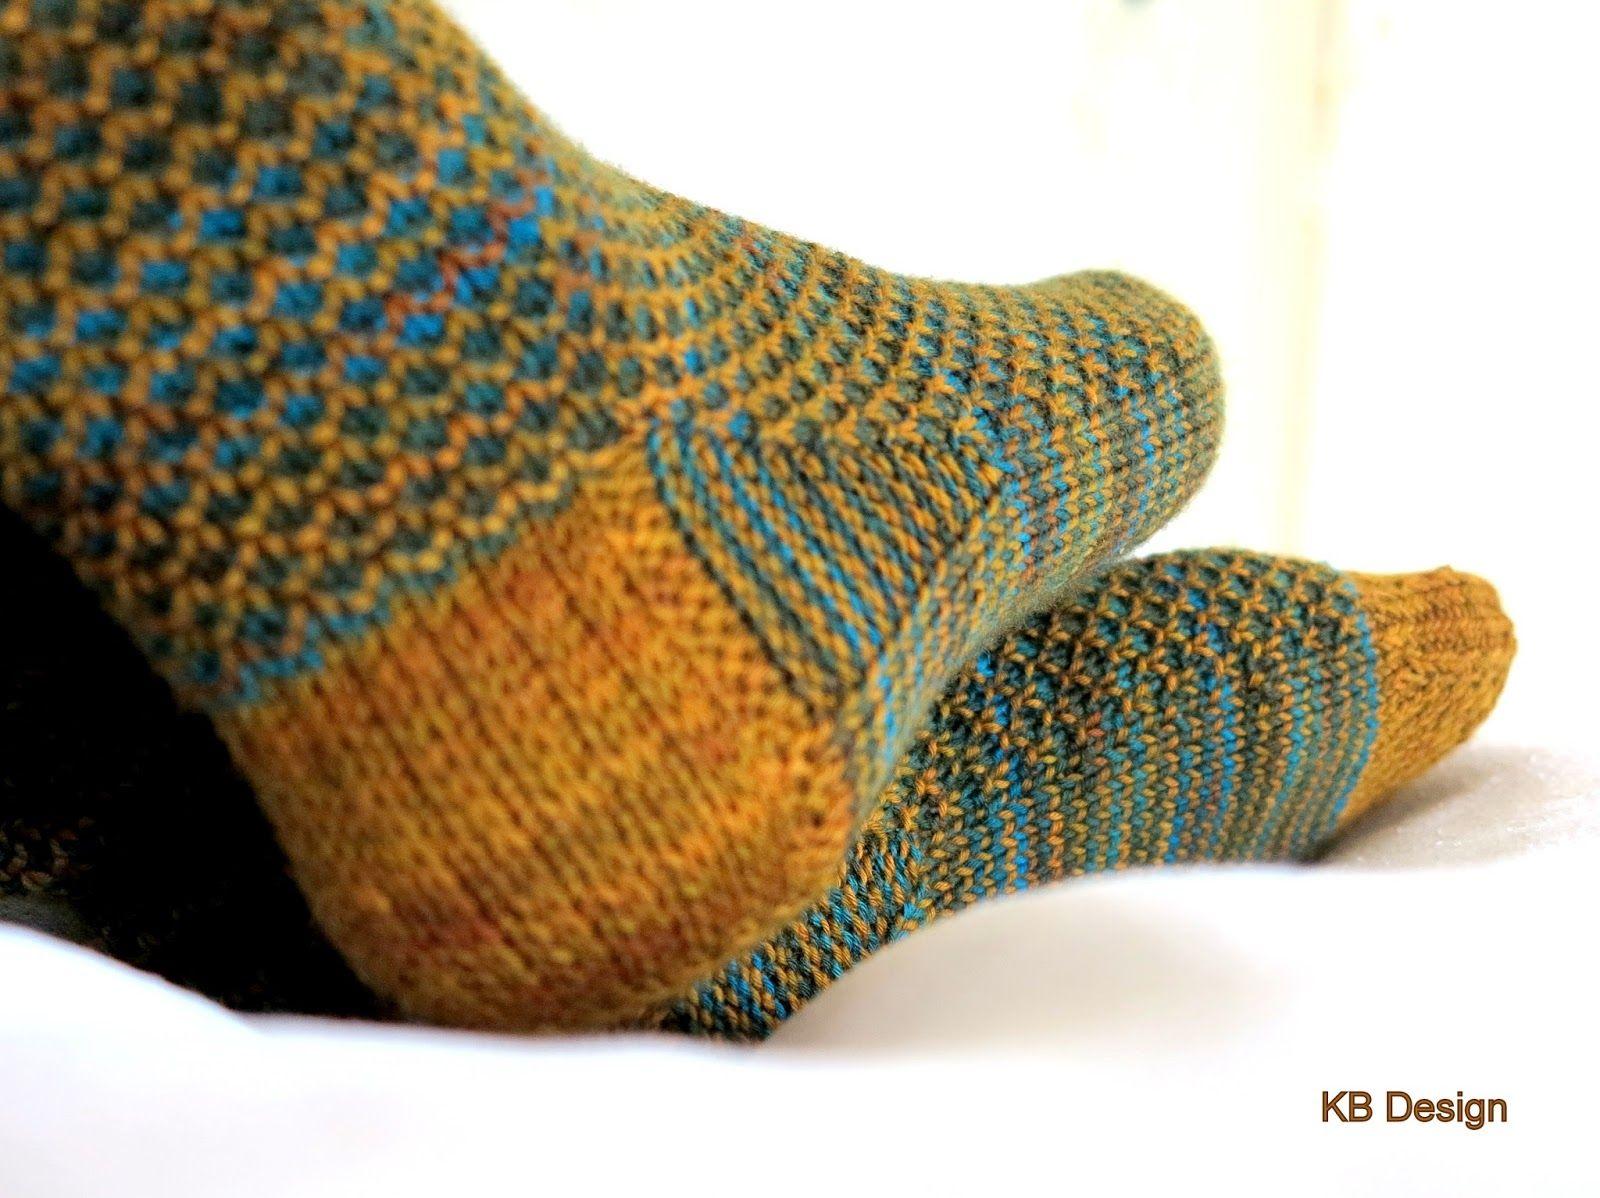 Perlmuster, Socken stricken, verstärkte Ferse Anleitung, Wollmeise ...